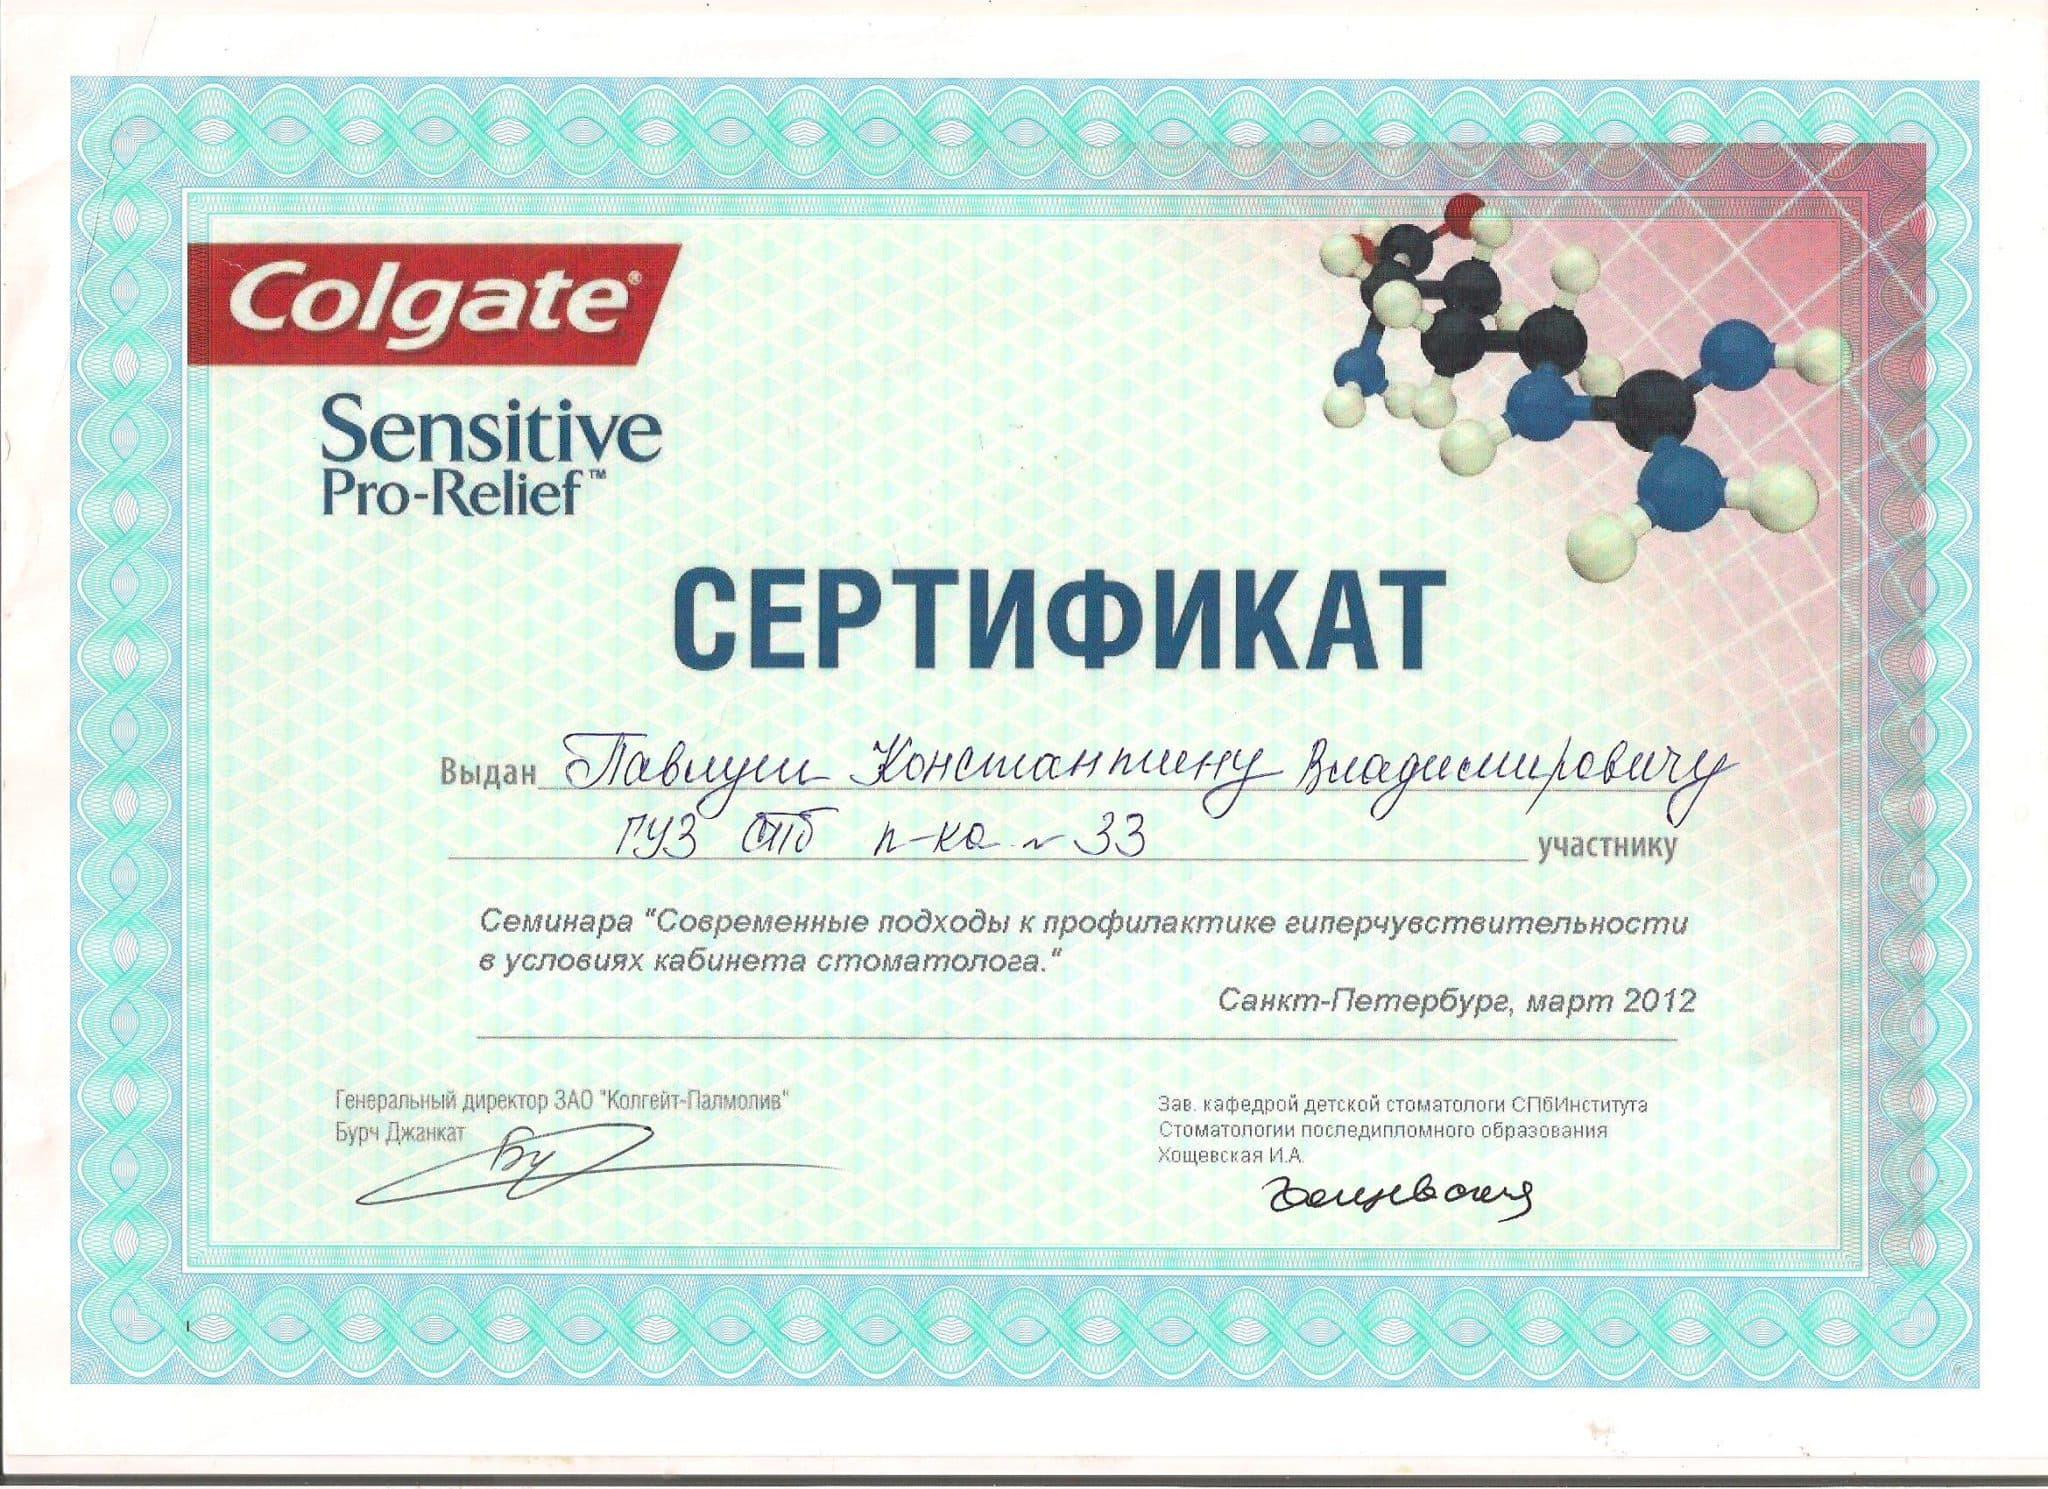 Сертификат Colgate Sensitive Pro-Relief